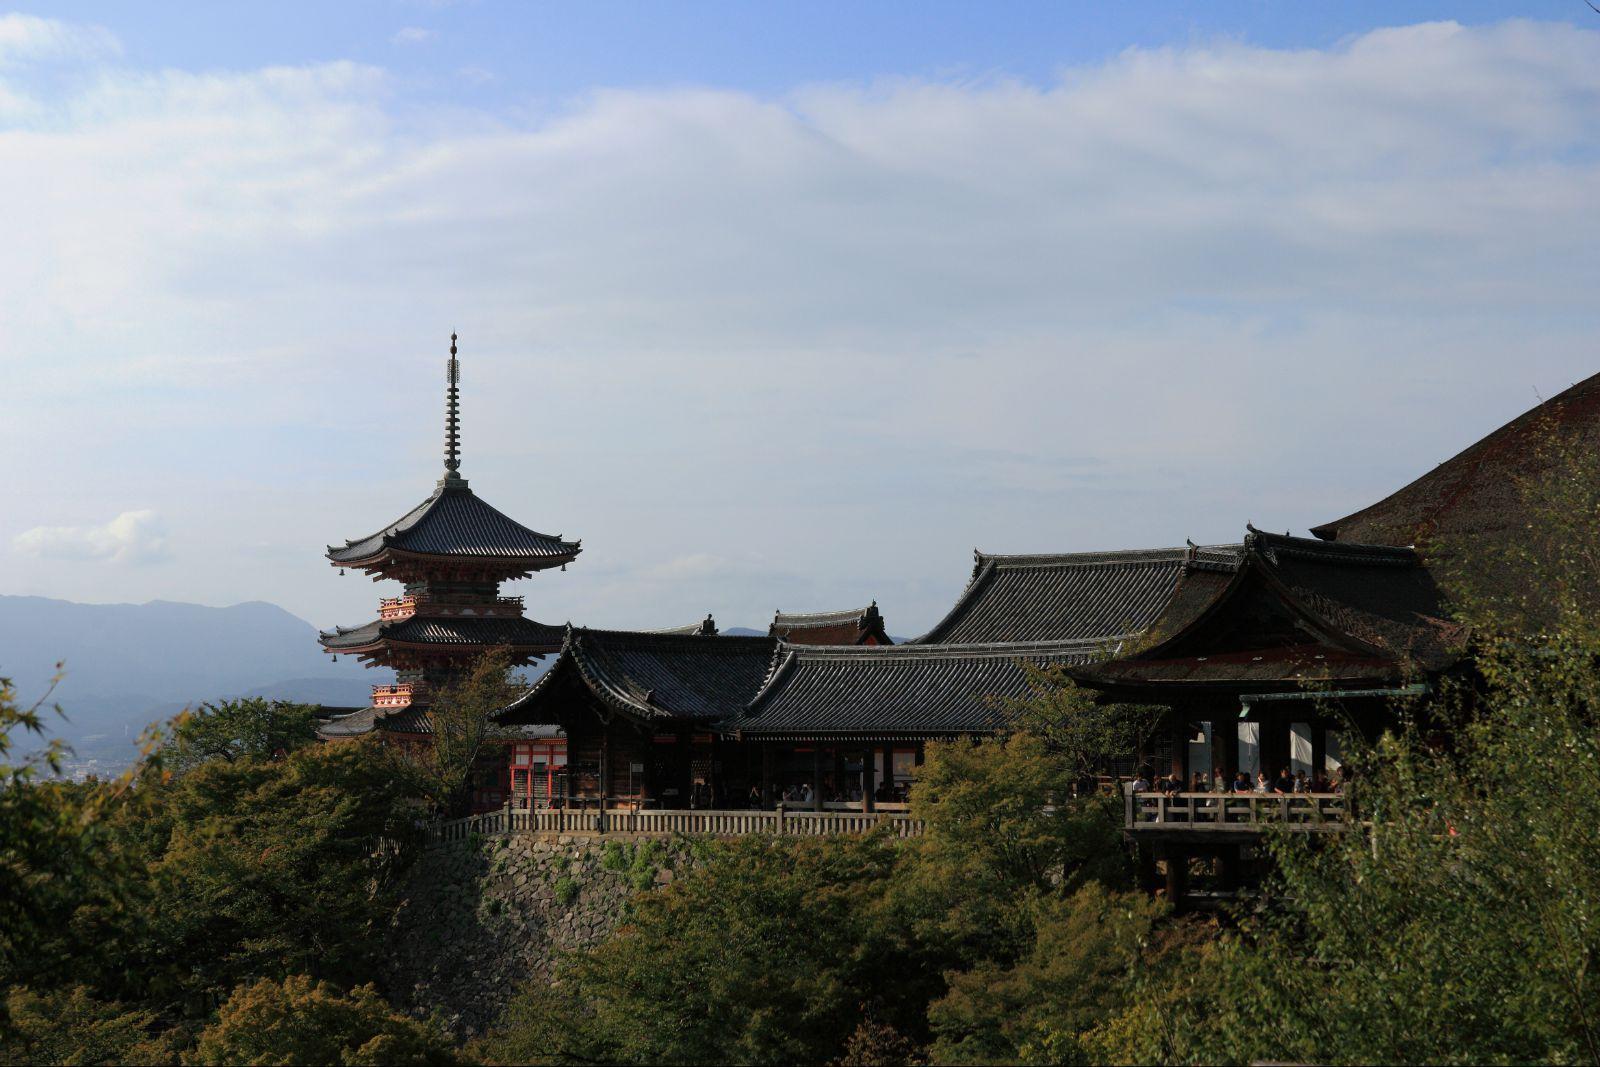 清水寺的得名源自于寺内音羽瀑布清冽的泉水,寺内的清水舞台是一座由1